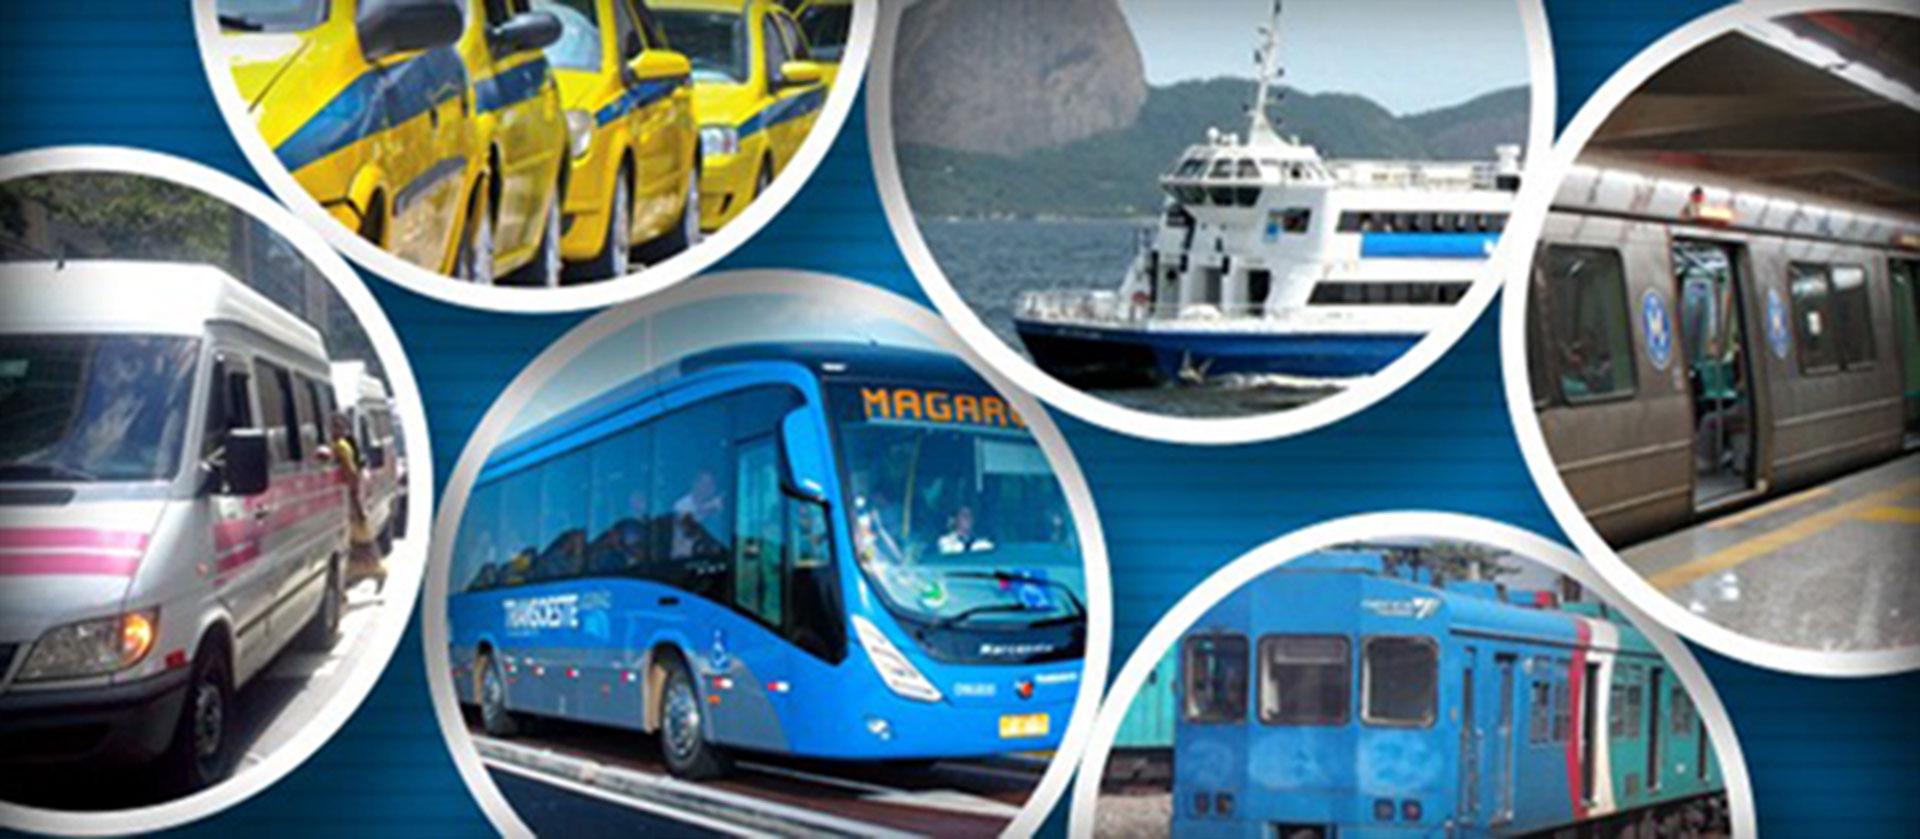 Serviço público de transportes deve ser qualificado